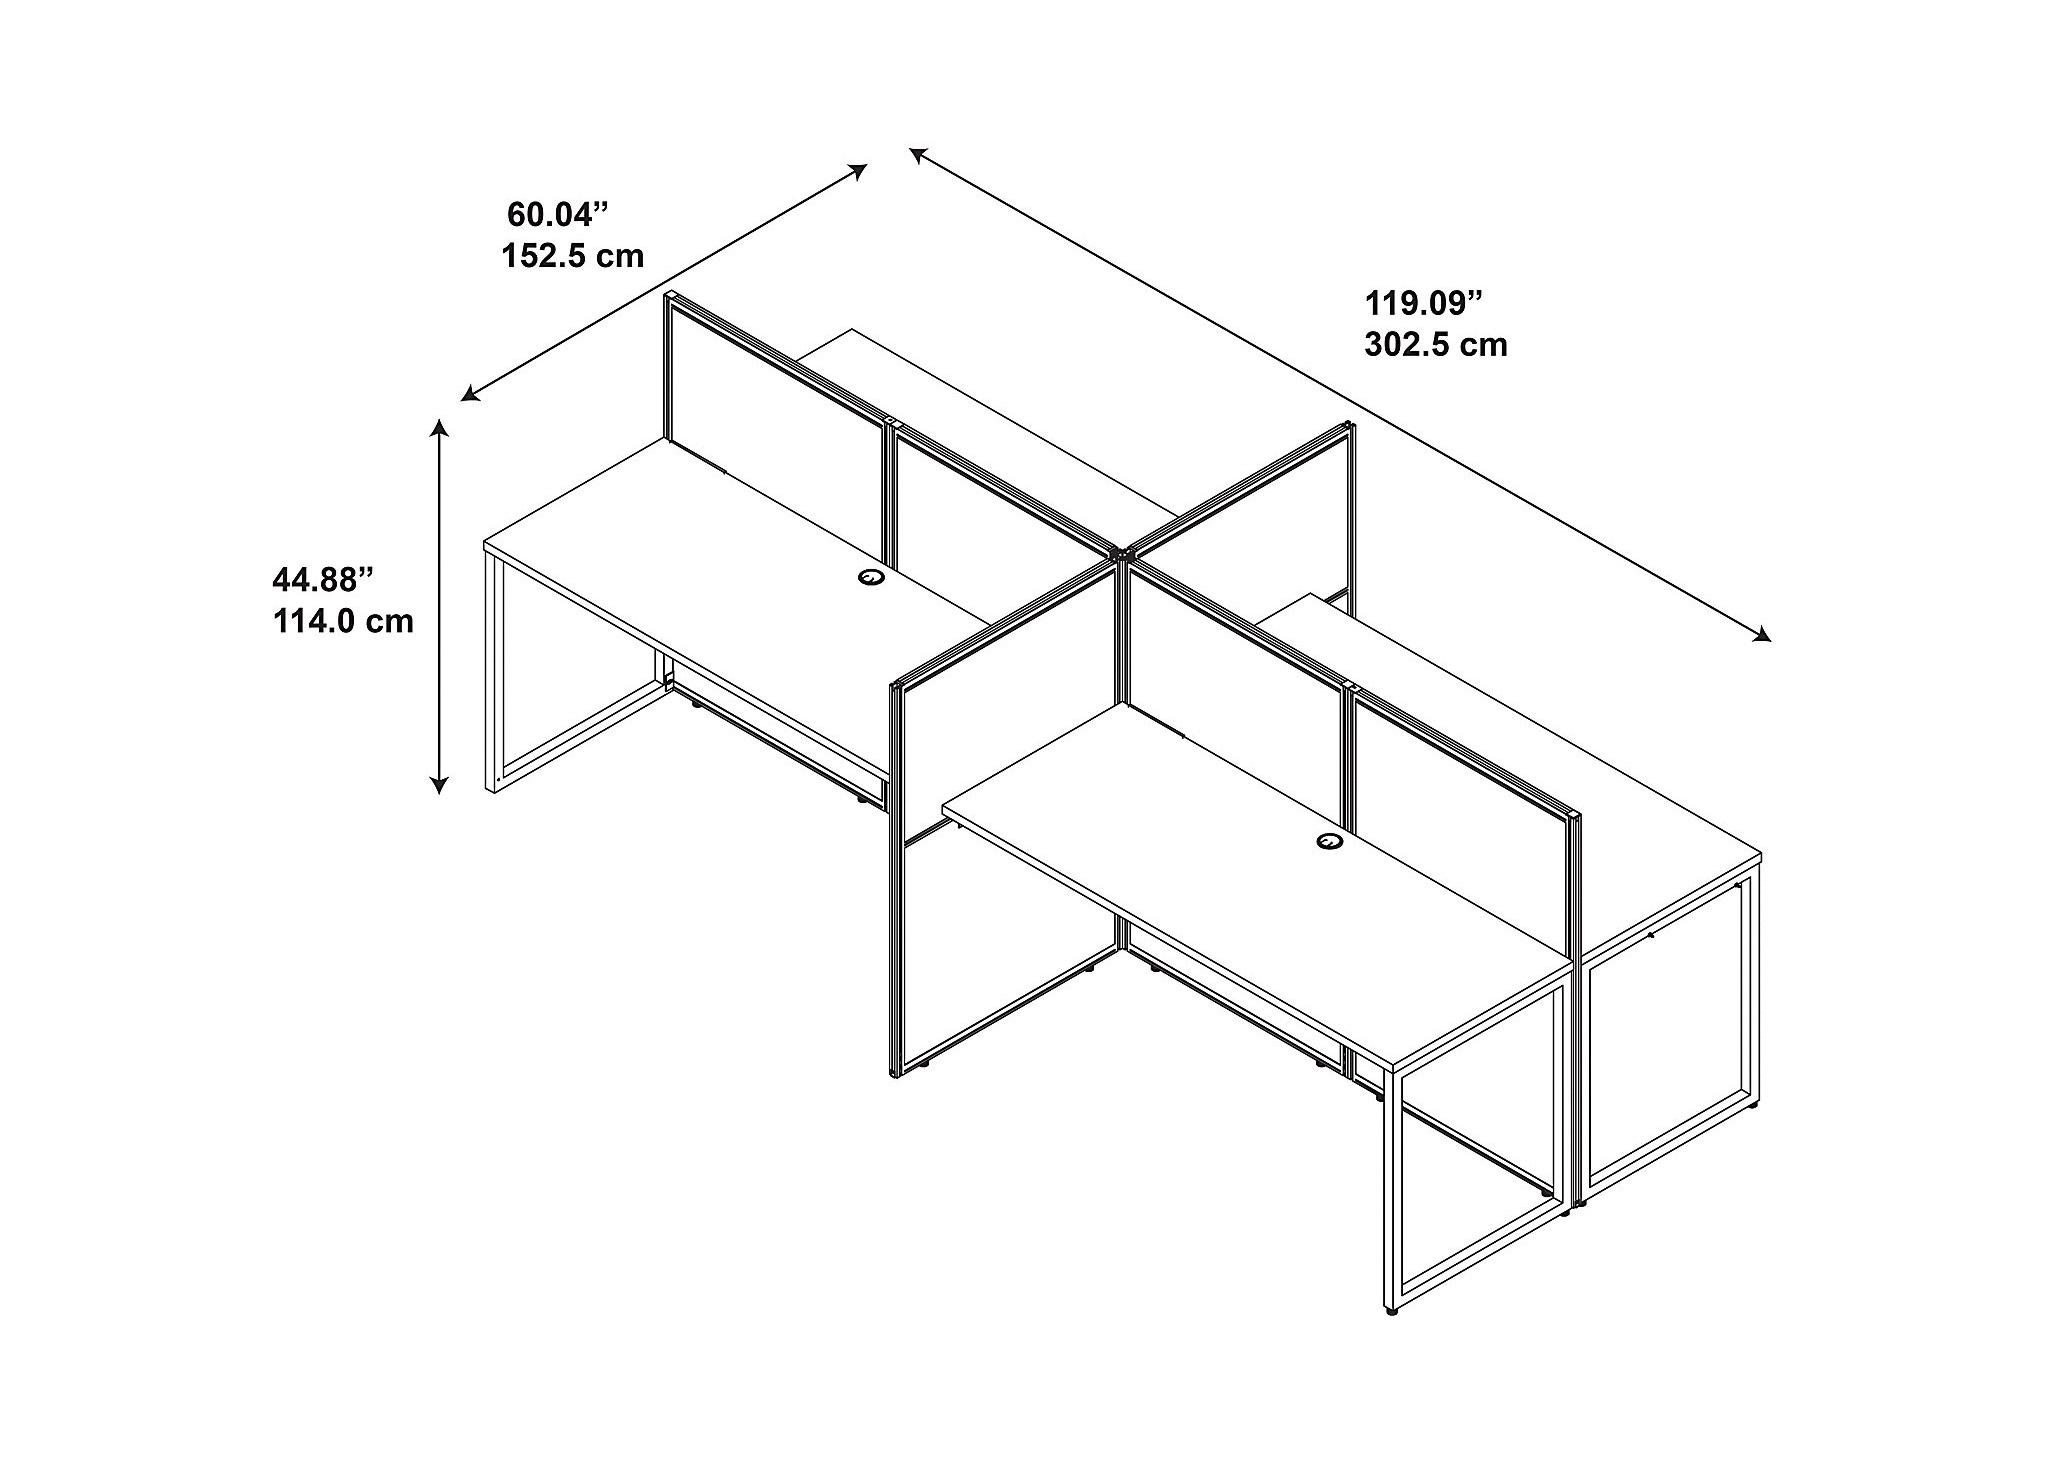 ergonomic chair design dimensions office la z boy designs for small spaces cubicle desks desk